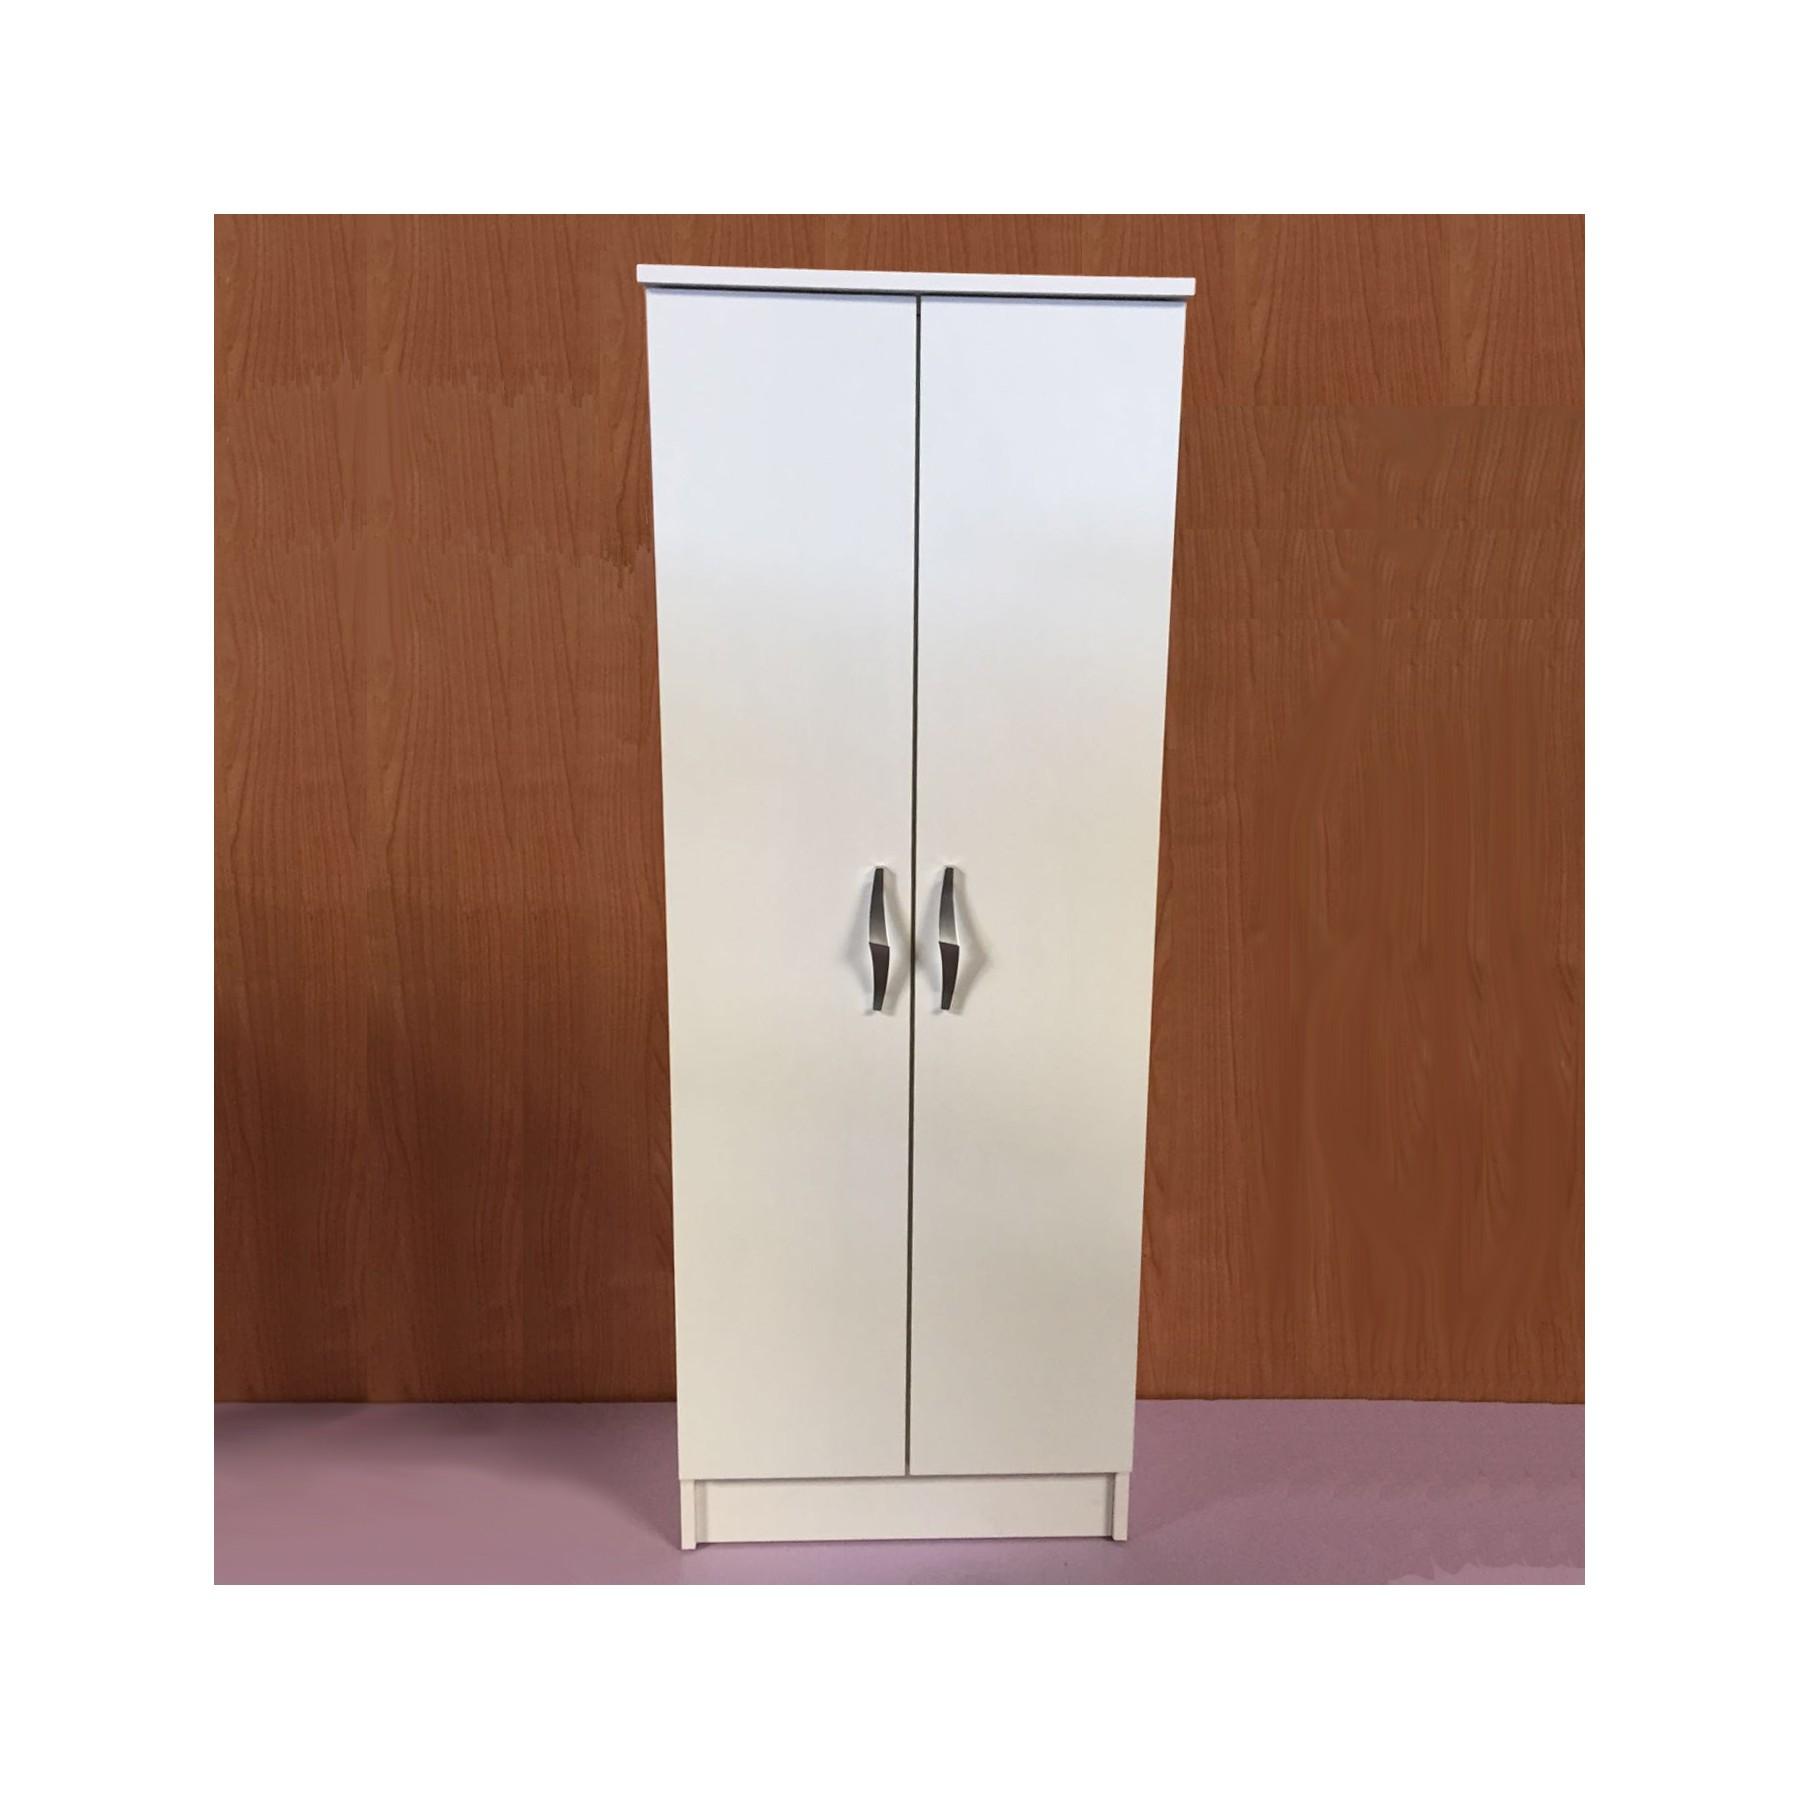 Mueble zapatero grande de dos puertas con gran almacenamiento - Mueble dos puertas ...